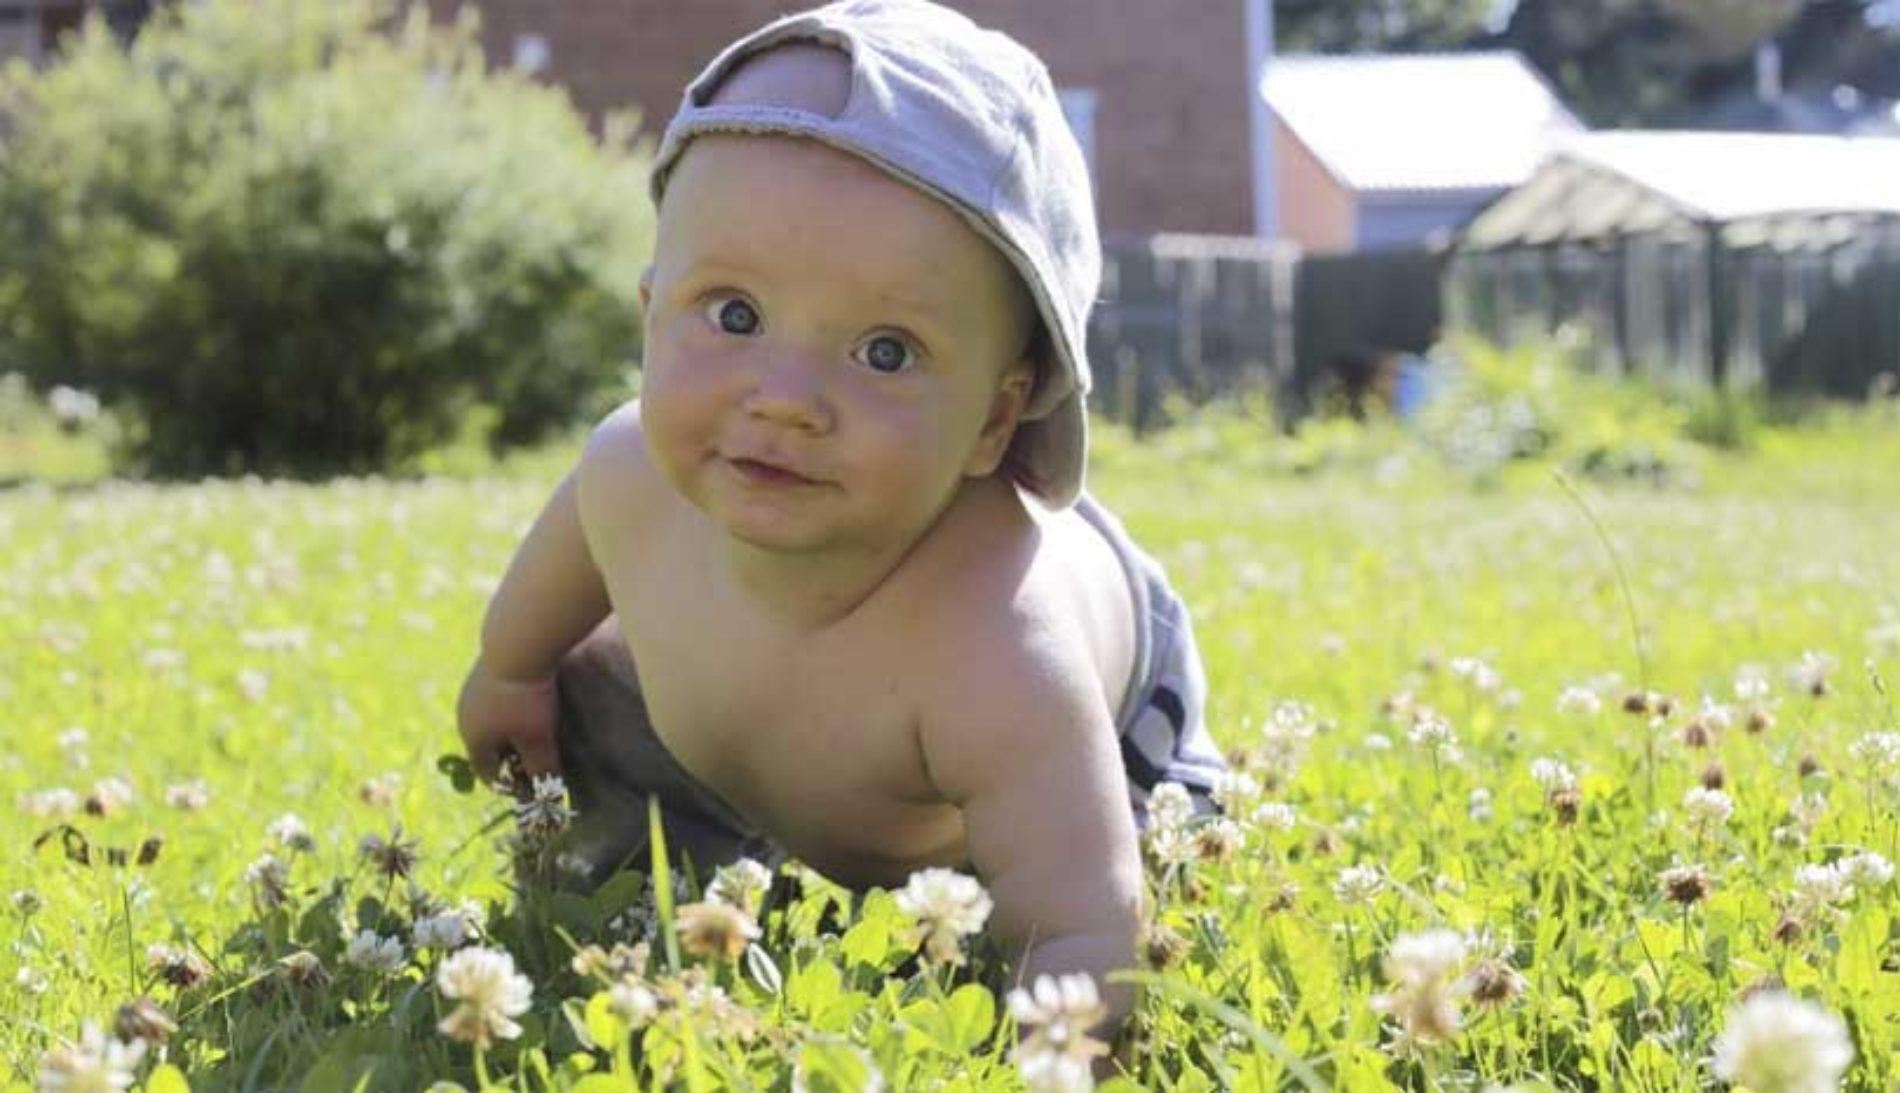 6 grunner til at juni-babyer er spesielle – i følge forskning